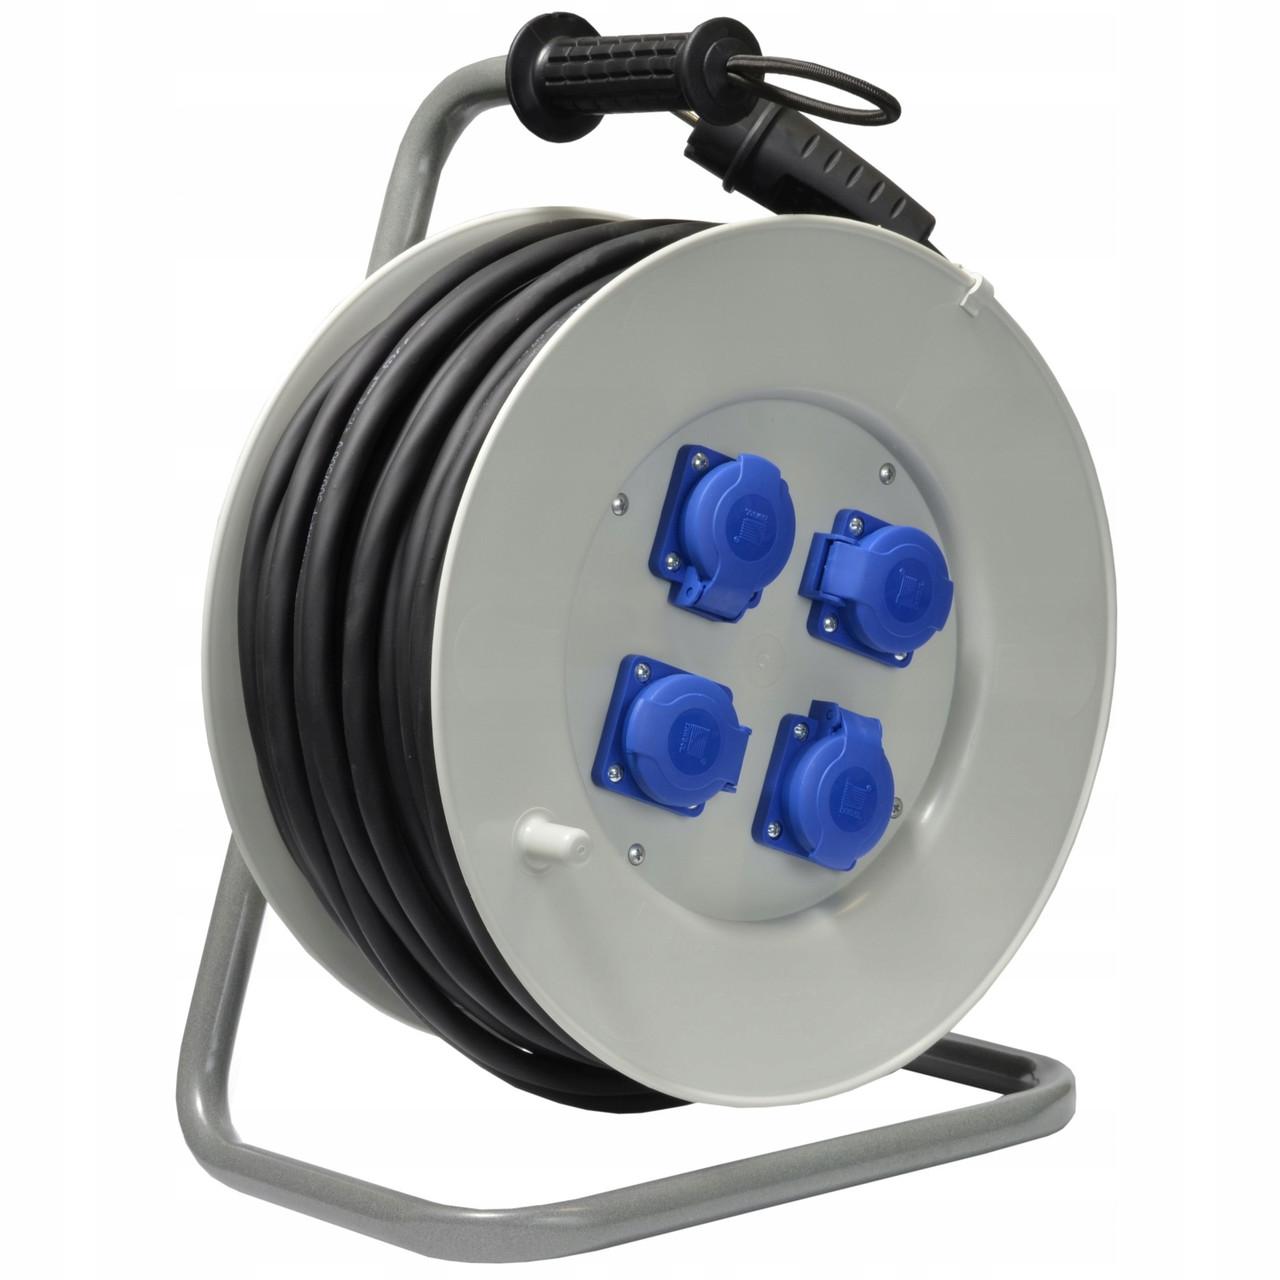 Удлинитель электрический на катушке 4 гнезда 40 м кабель КГНВ 2х1.5 мм²